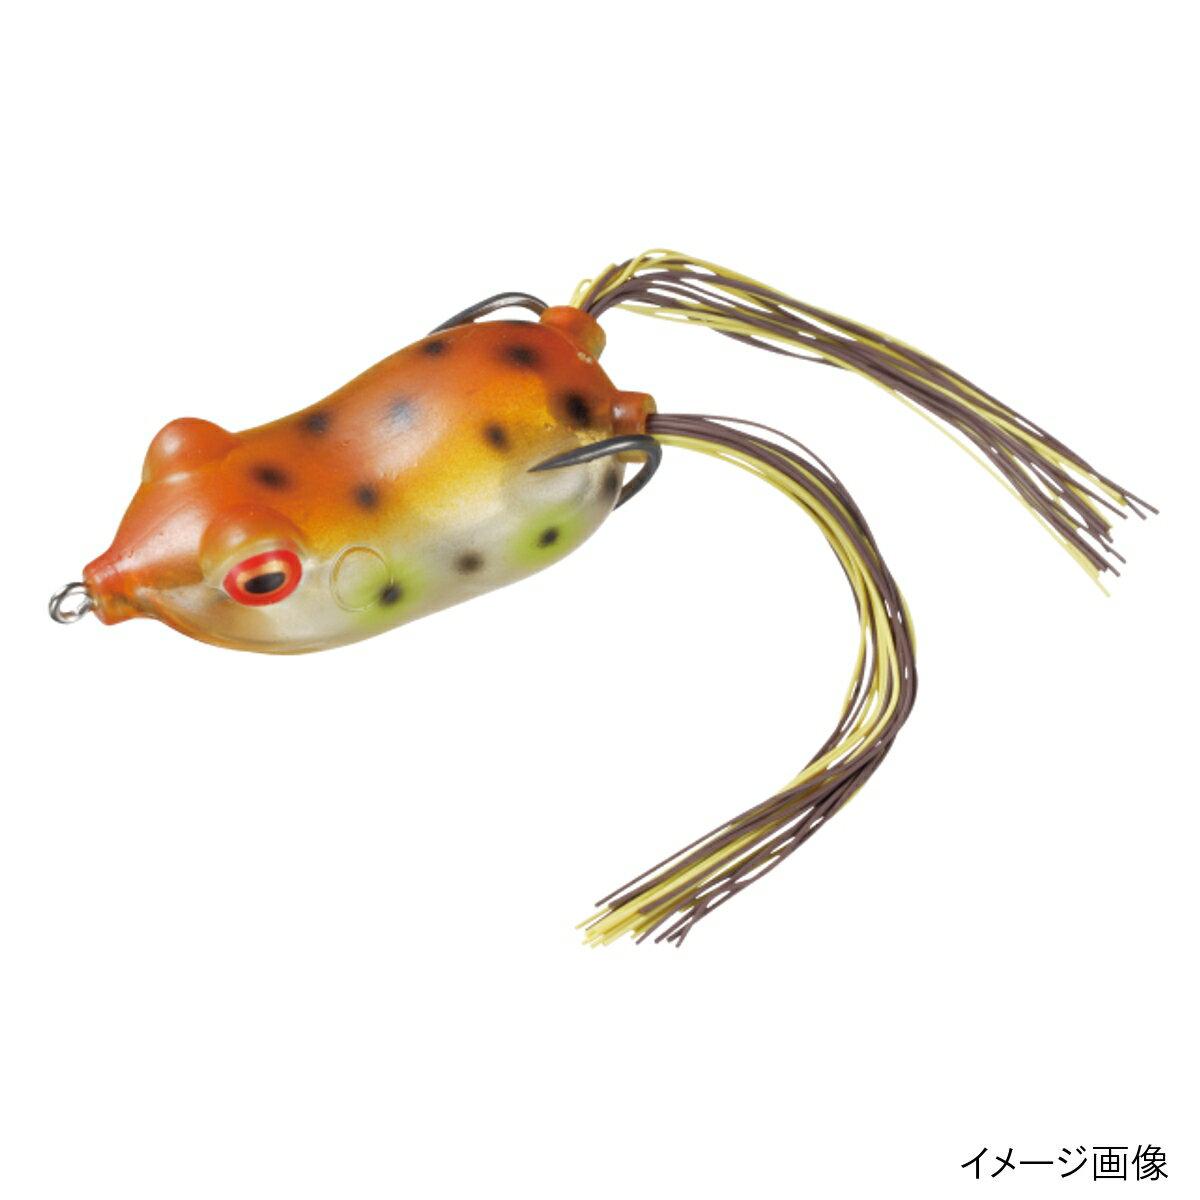 ダイワ スティーズ フロッグJr. クリアトード(東日本店)